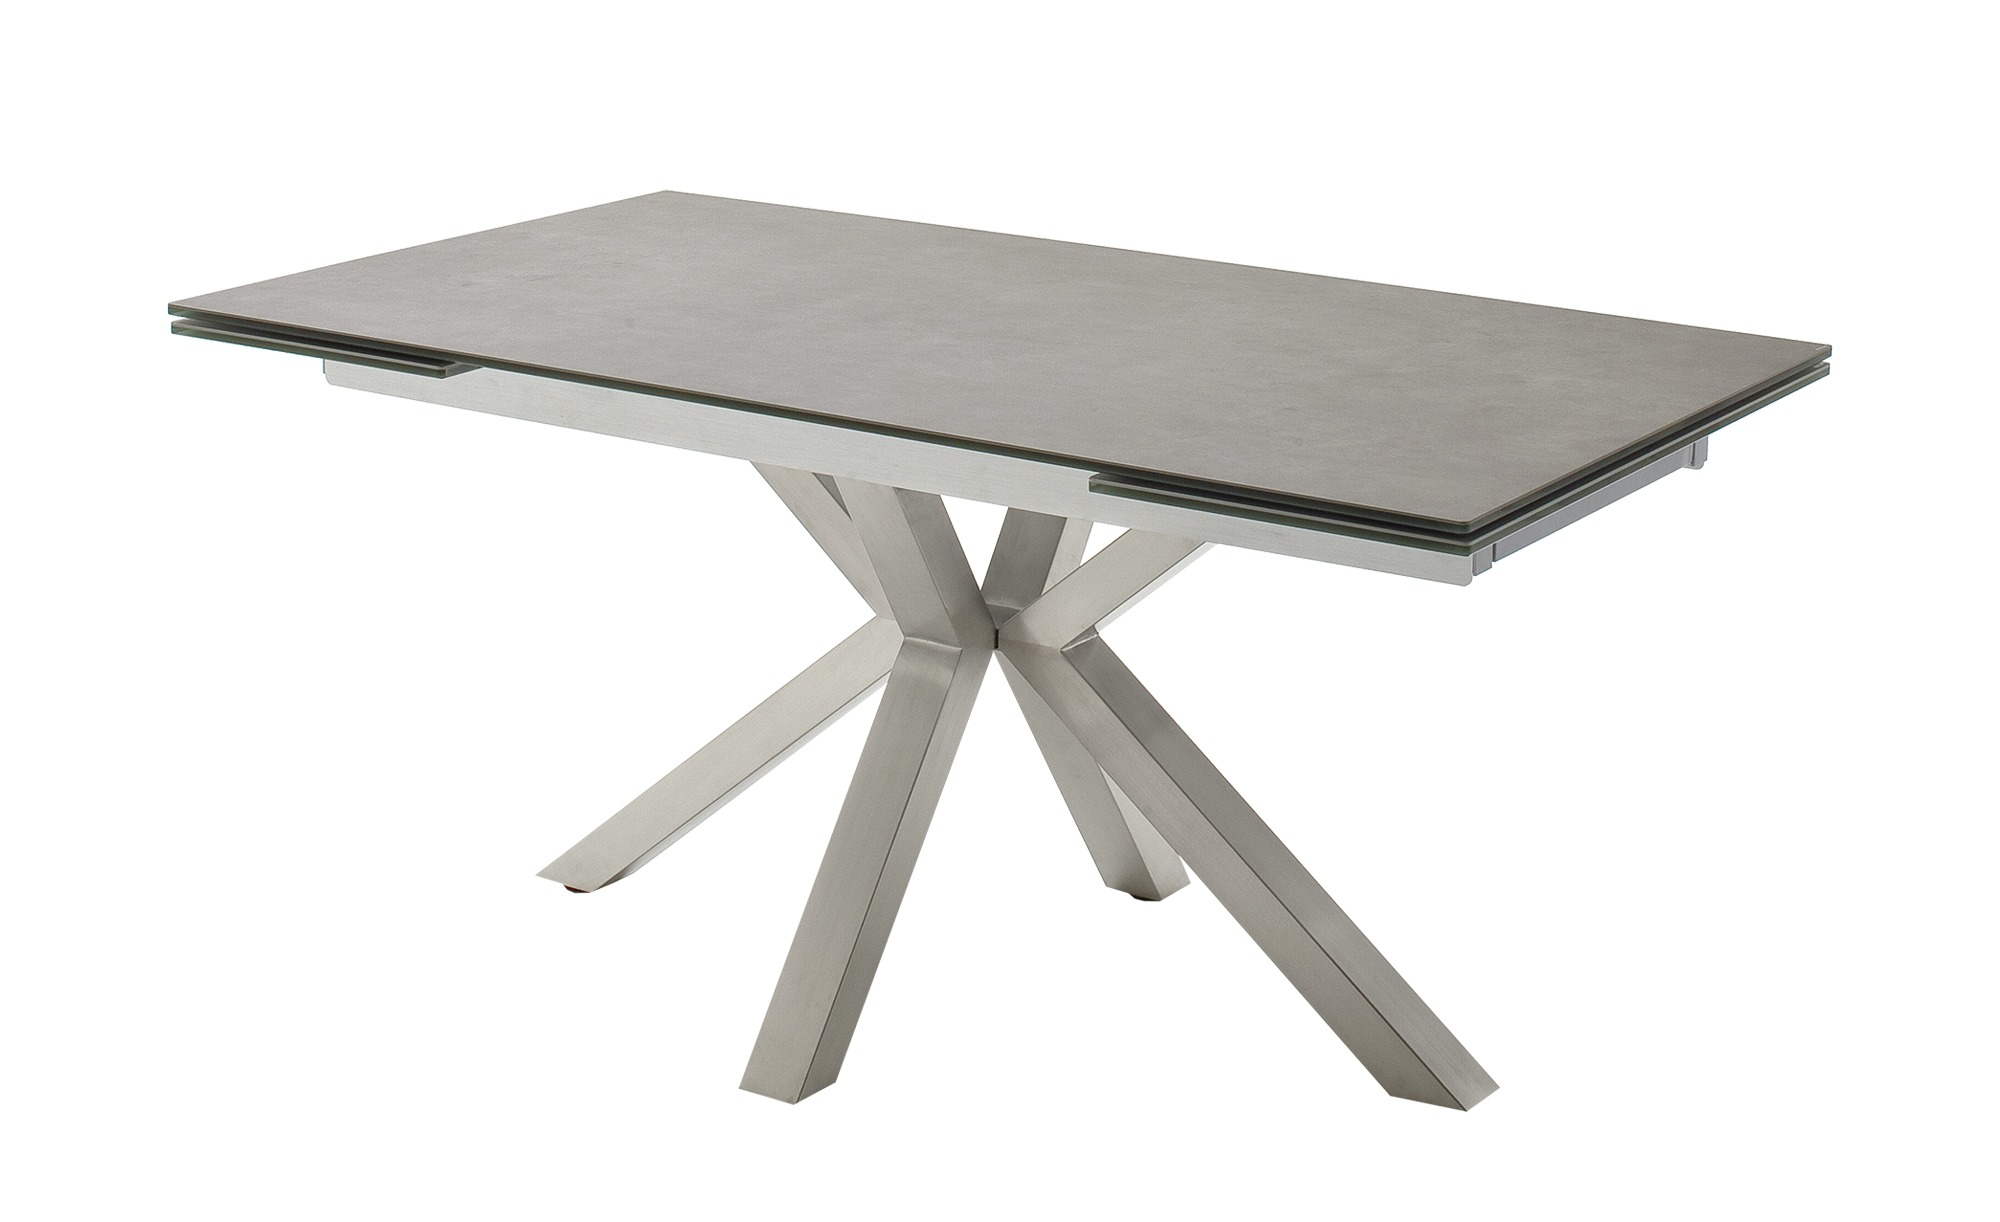 Esstisch  Nora ¦ grau ¦ Maße (cm): B: 90 H: 76 Tische > Esstische > Esstische ausziehbar - Höffner